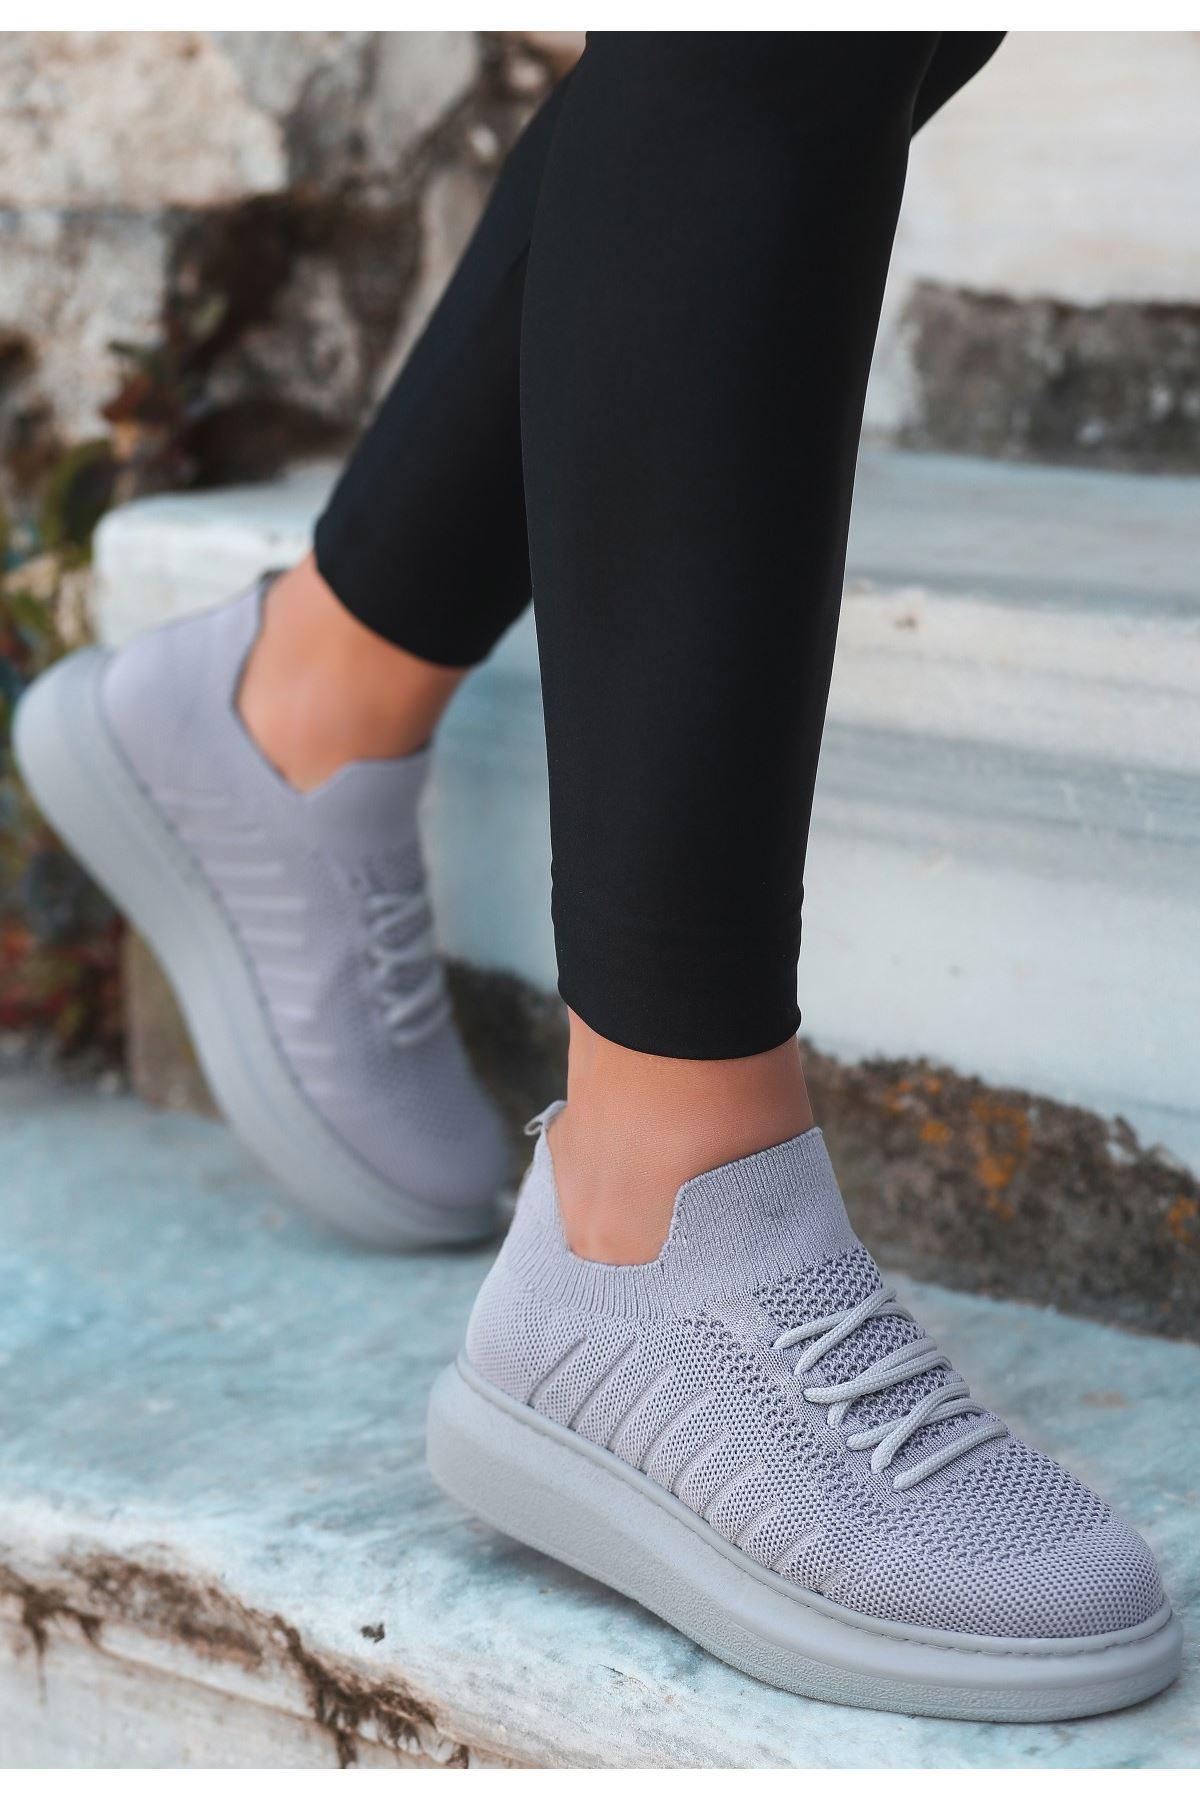 Fidox Gri Triko Bağcıklı Spor Ayakkabı